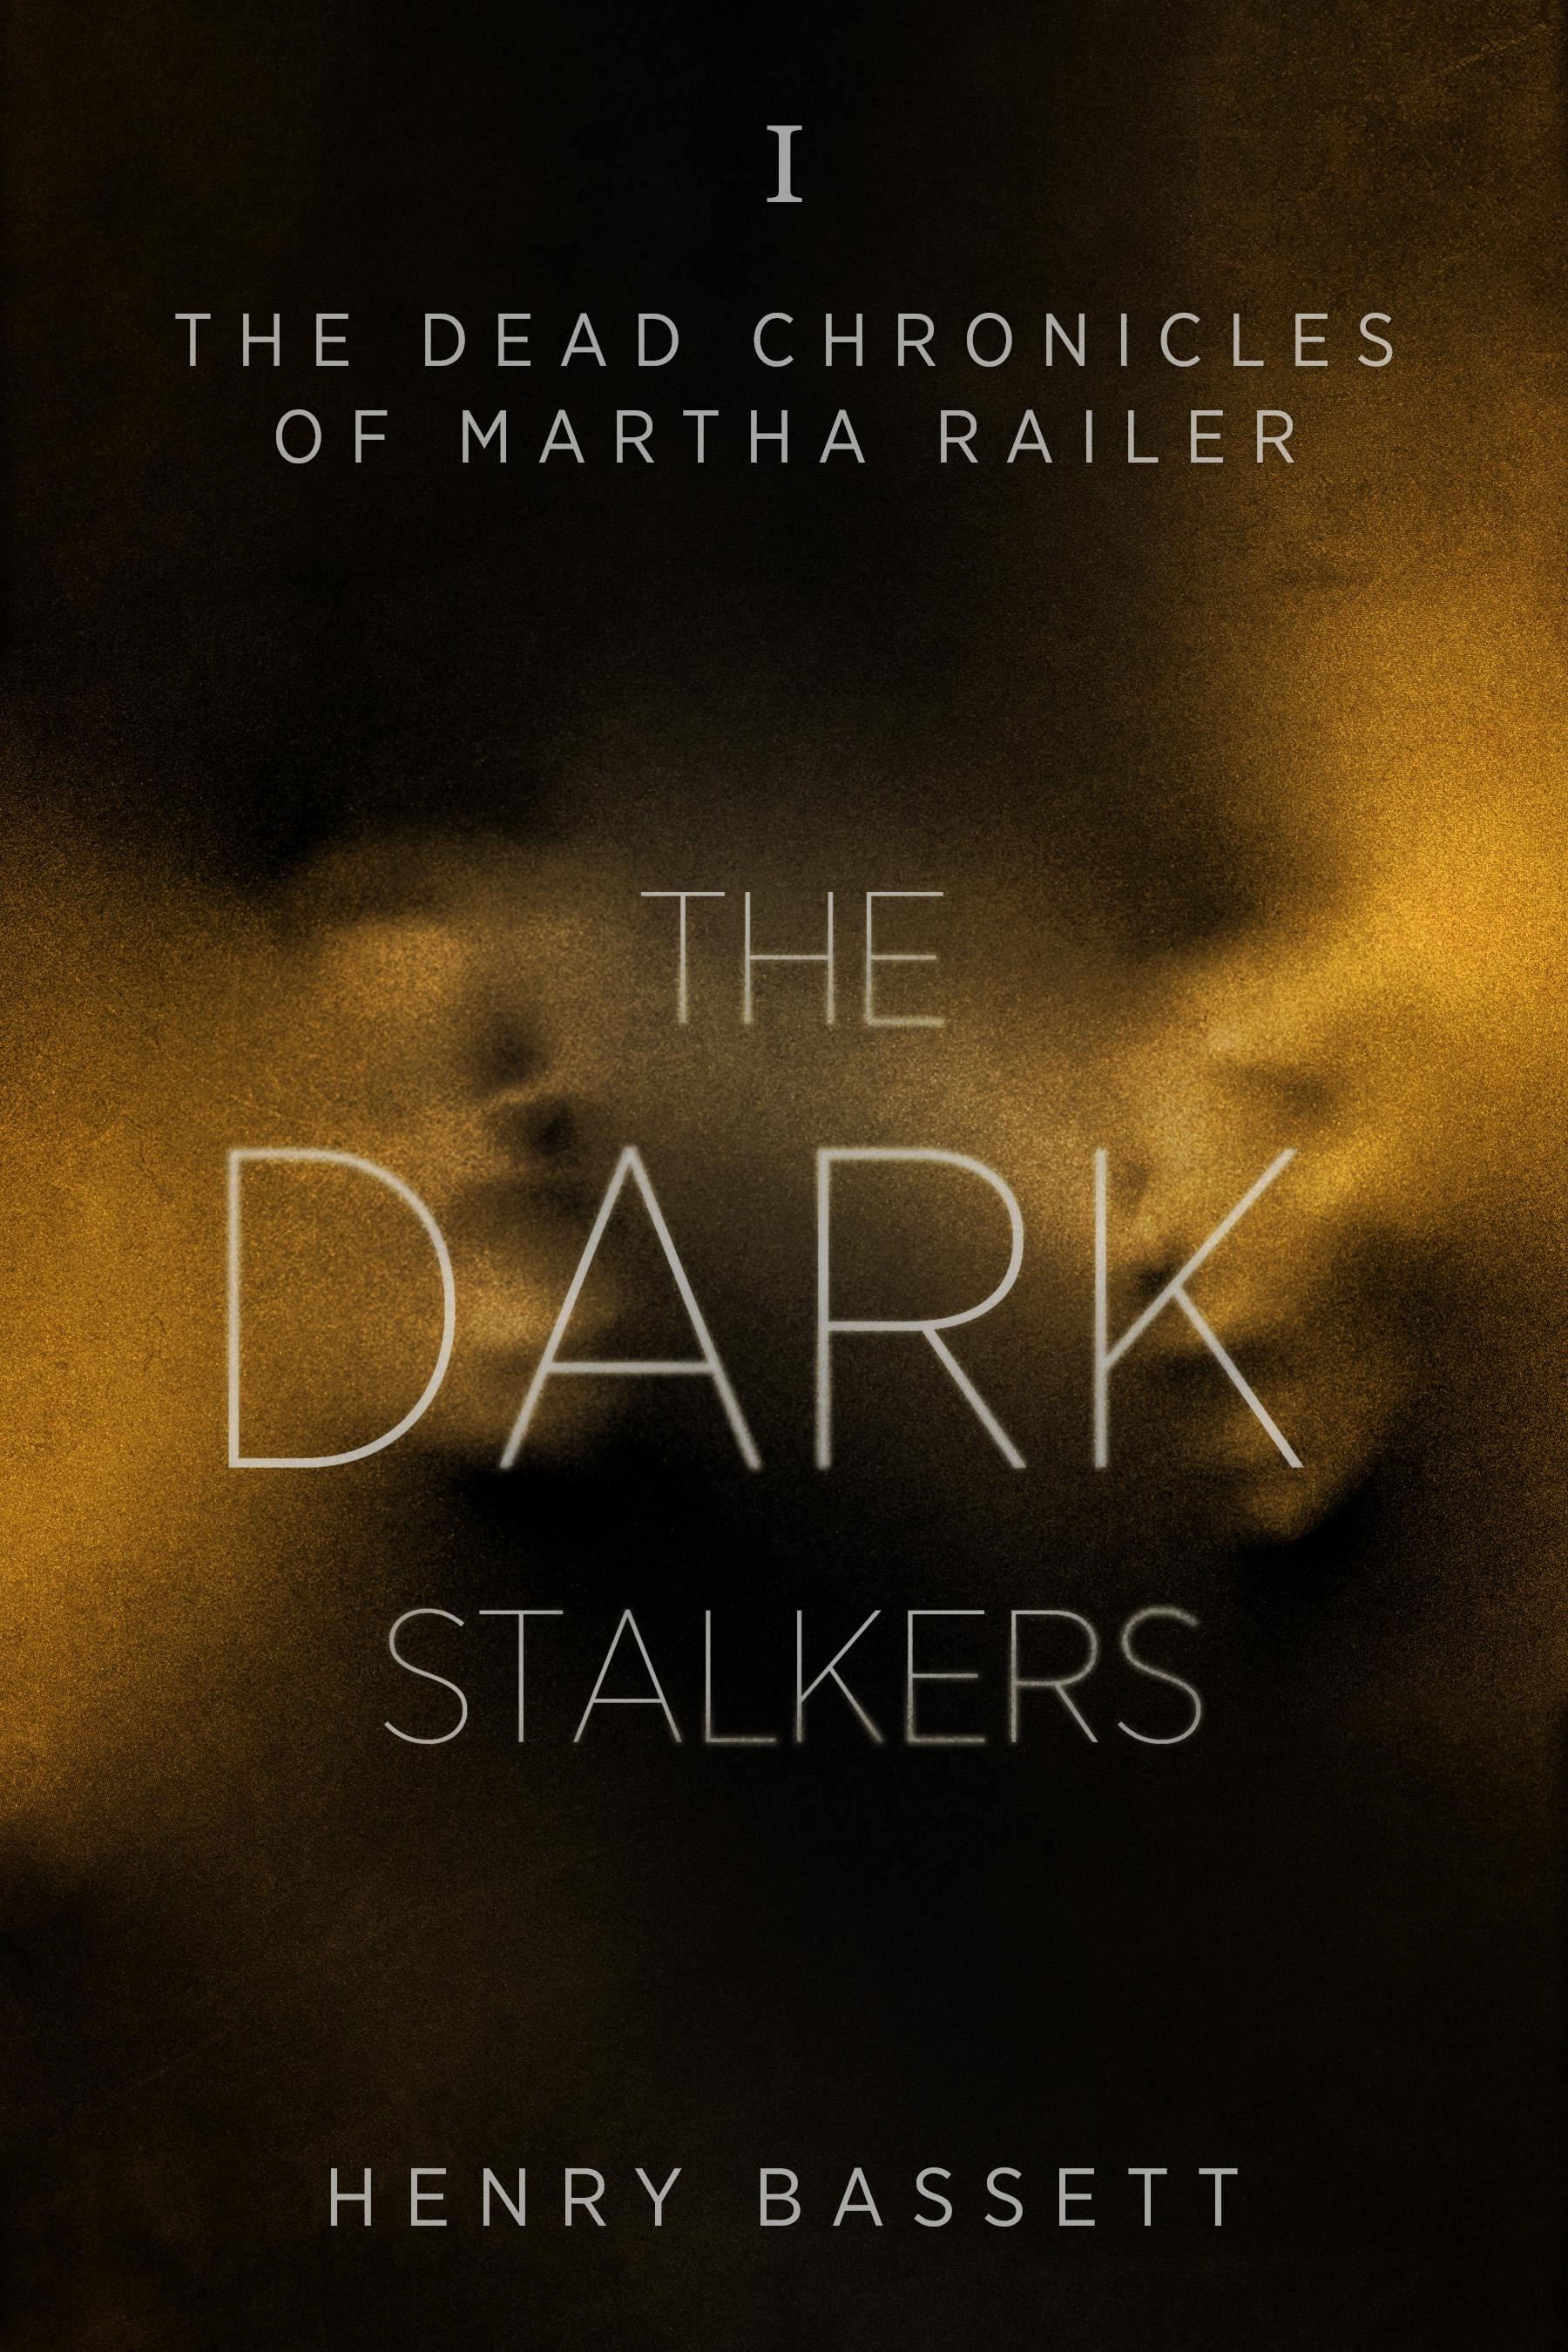 The Dark Stalkers (The Dead Chronicles of Martha Railer) by Henry Bassett